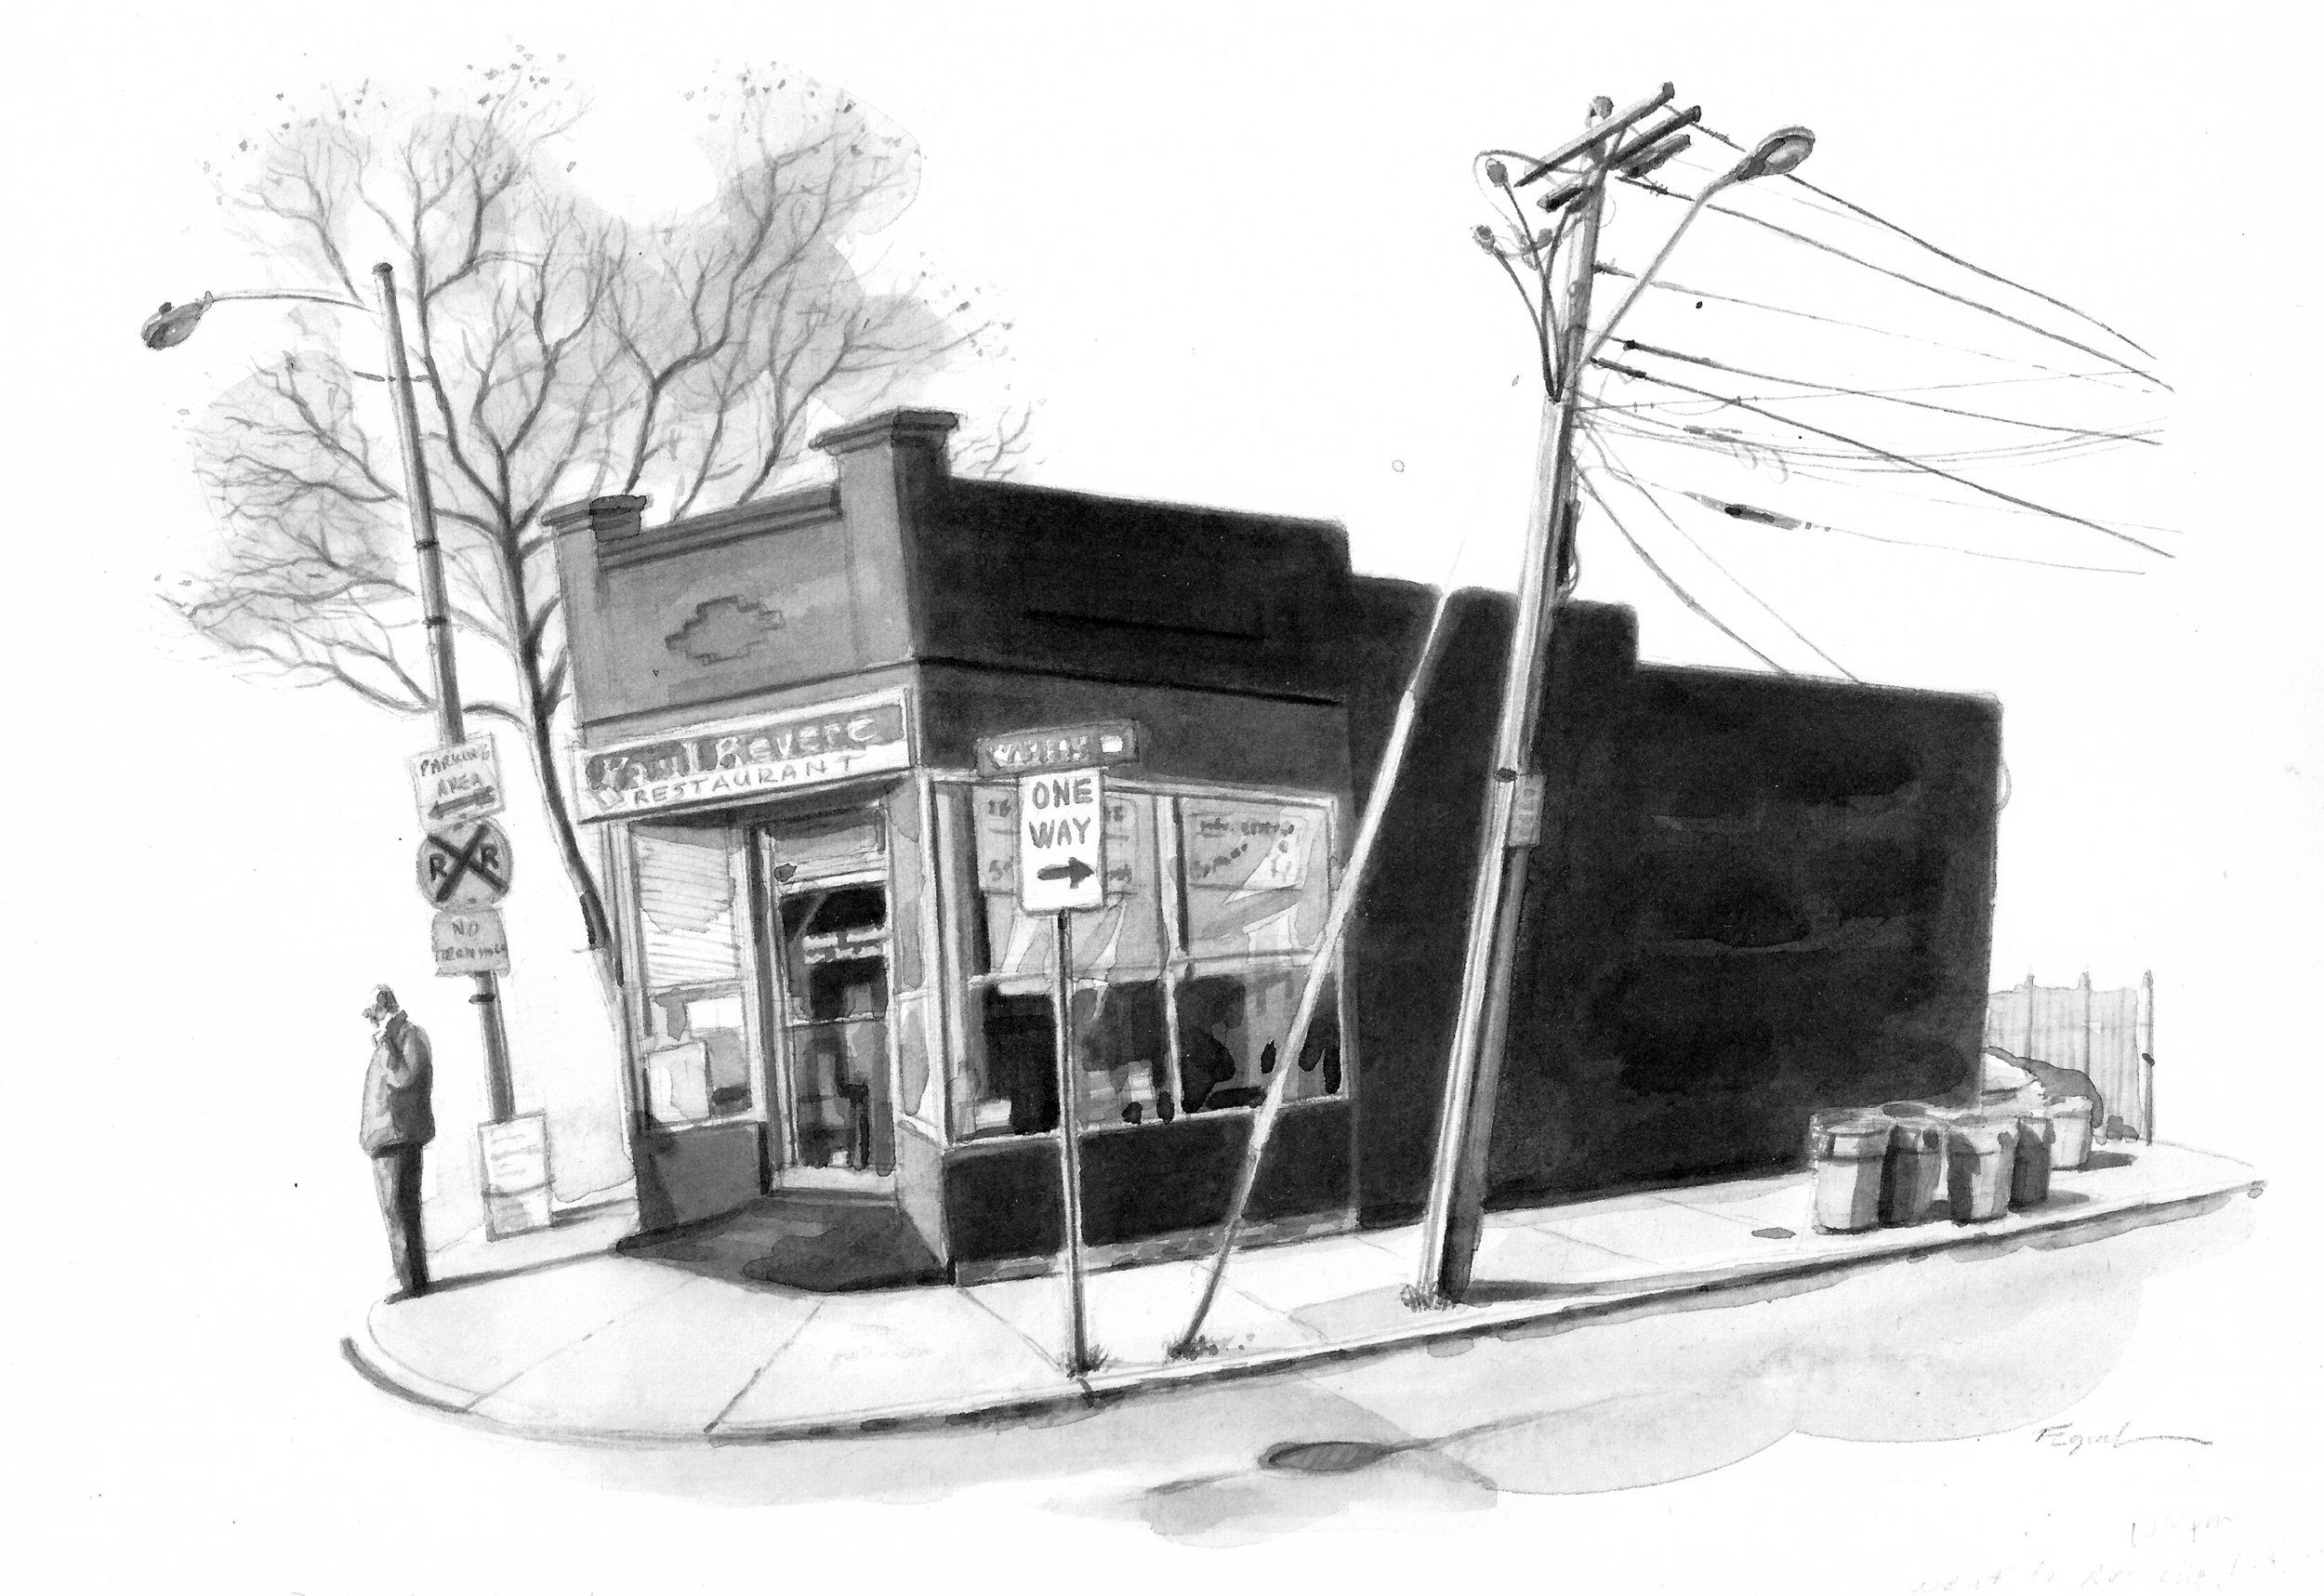 The Paul Revere Restaurant